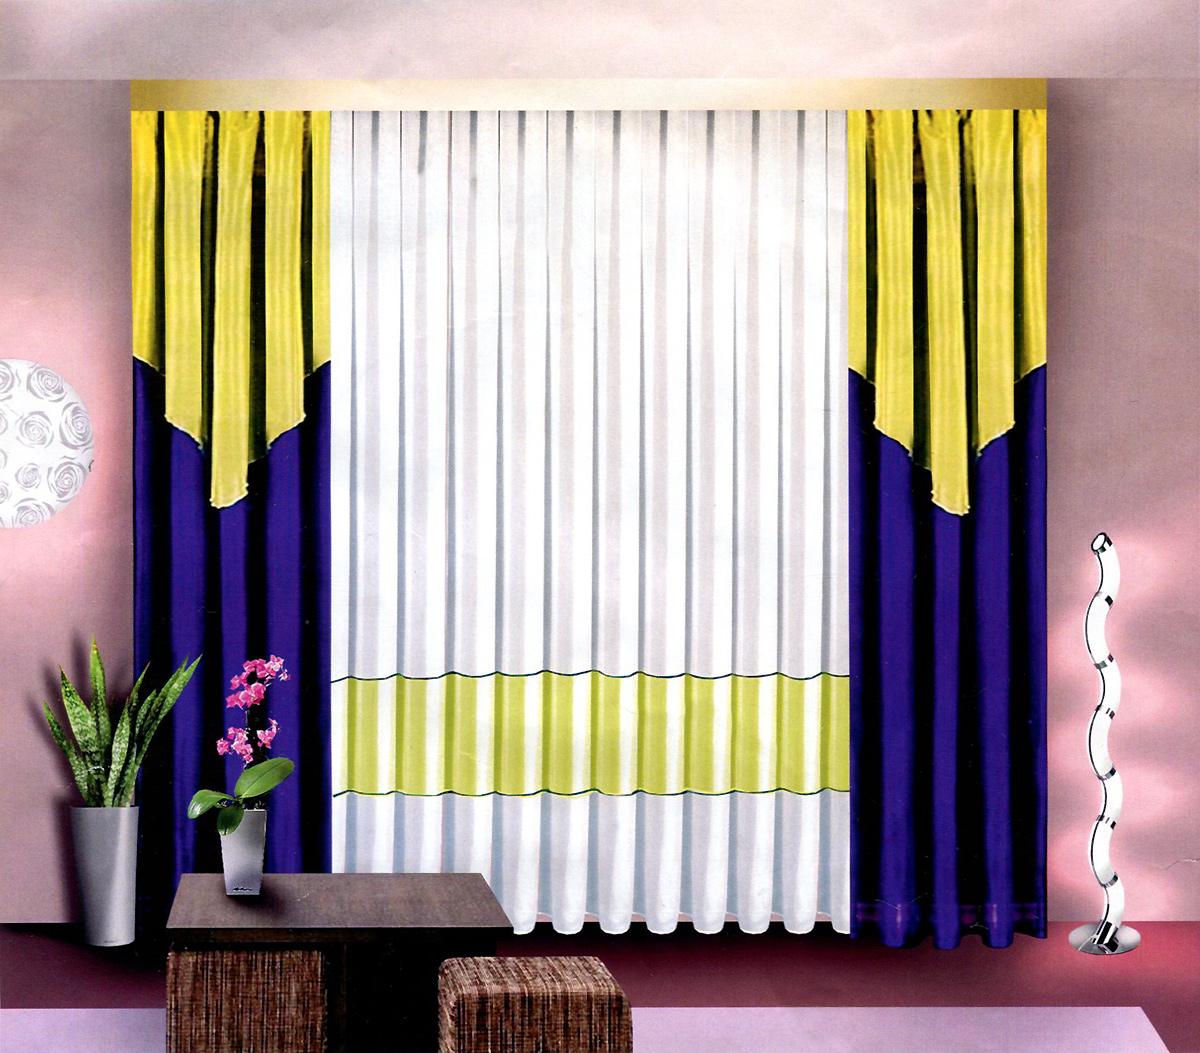 Комплект штор Zlata Korunka, на ленте, цвет: белый, желтый, синий, высота 250 см. Б024Б024 бежево/синийКомплект штор Zlata Korunka, изготовленный из легкой вуалевой ткани, станет прекрасным дополнением интерьера гостиной. В комплект входят две шторы и тюль. Тонкое плетение, оригинальный дизайн и приятная цветовая гамма привлекут к себе внимание и органично впишутся в интерьер. Все элементы комплекта оснащены шторной ленте для собирания в сборки. Материал: вуаль (100% полиэстер), ткань декоративная. В комплект входят: Штора - 2 шт. Размер (Ш х В): 200 см х 250 см. Тюль - 1 шт. Размер (Ш х В): 500 см х 250 см.